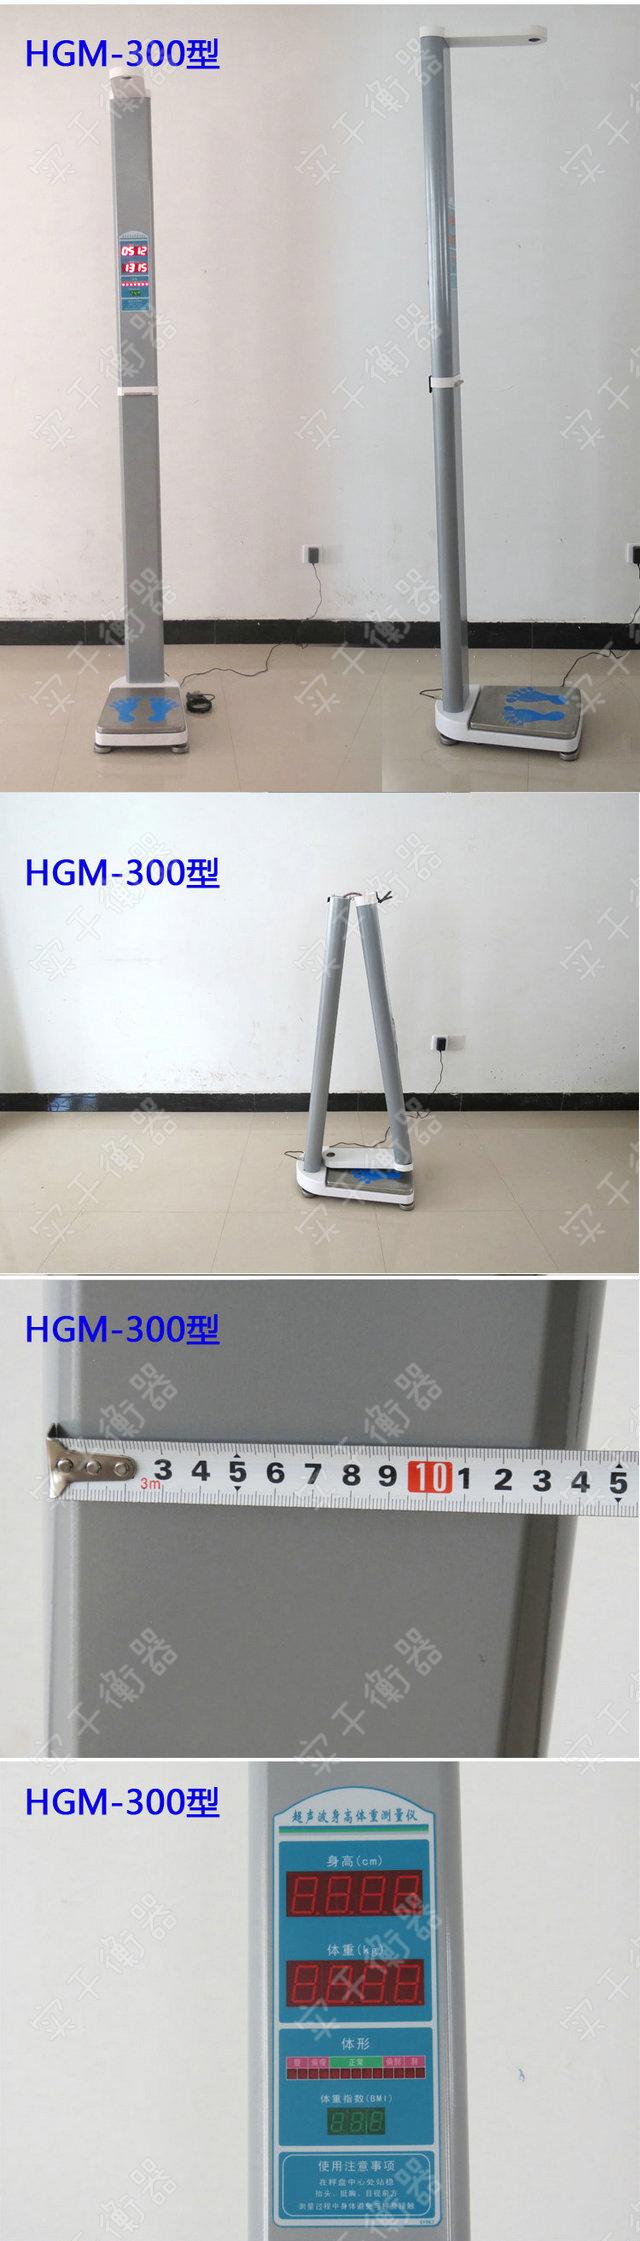 超声波身高体重测试仪